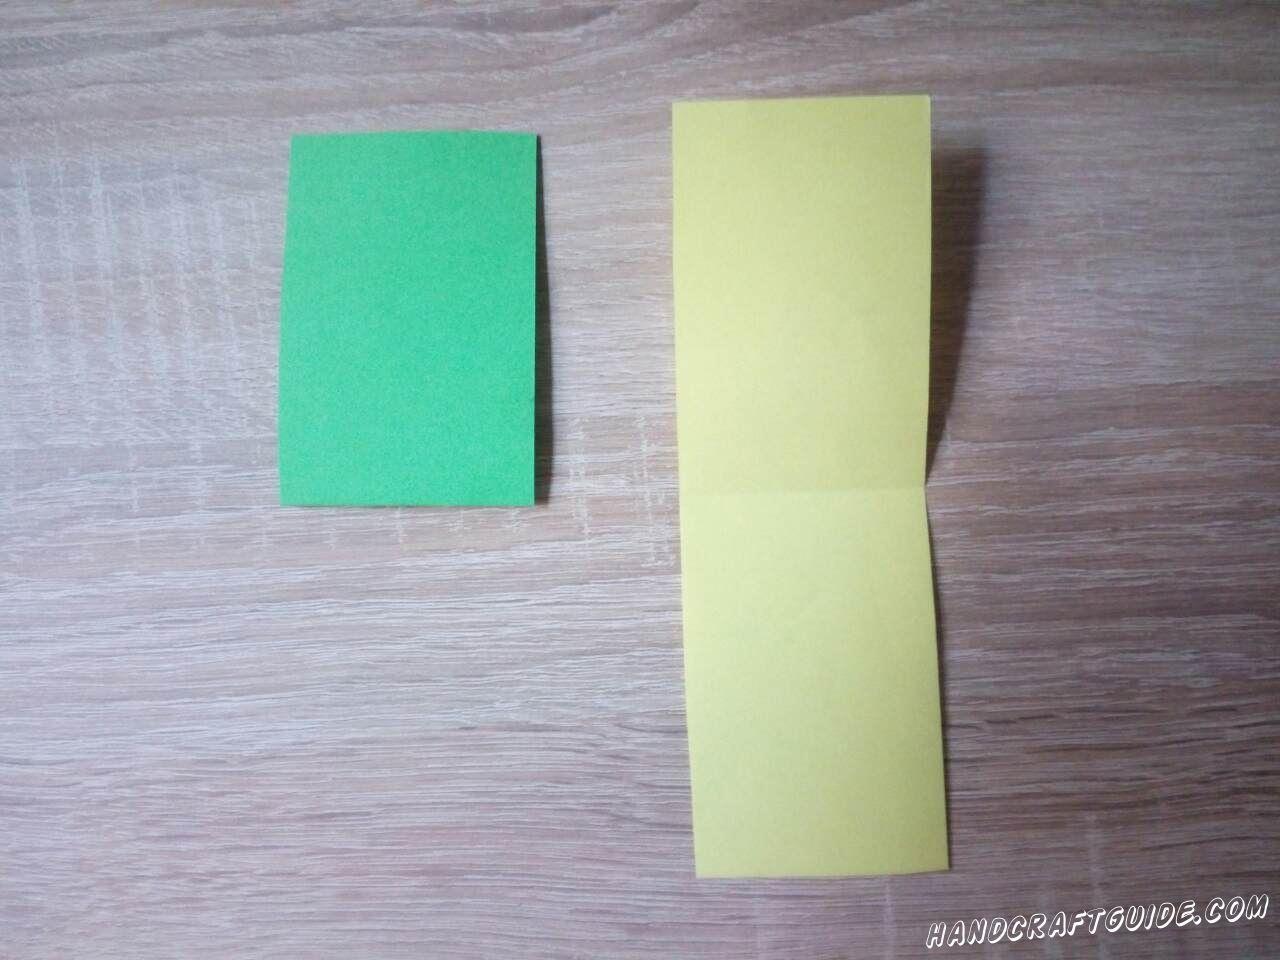 Сгибаем пополам зелёную полоску